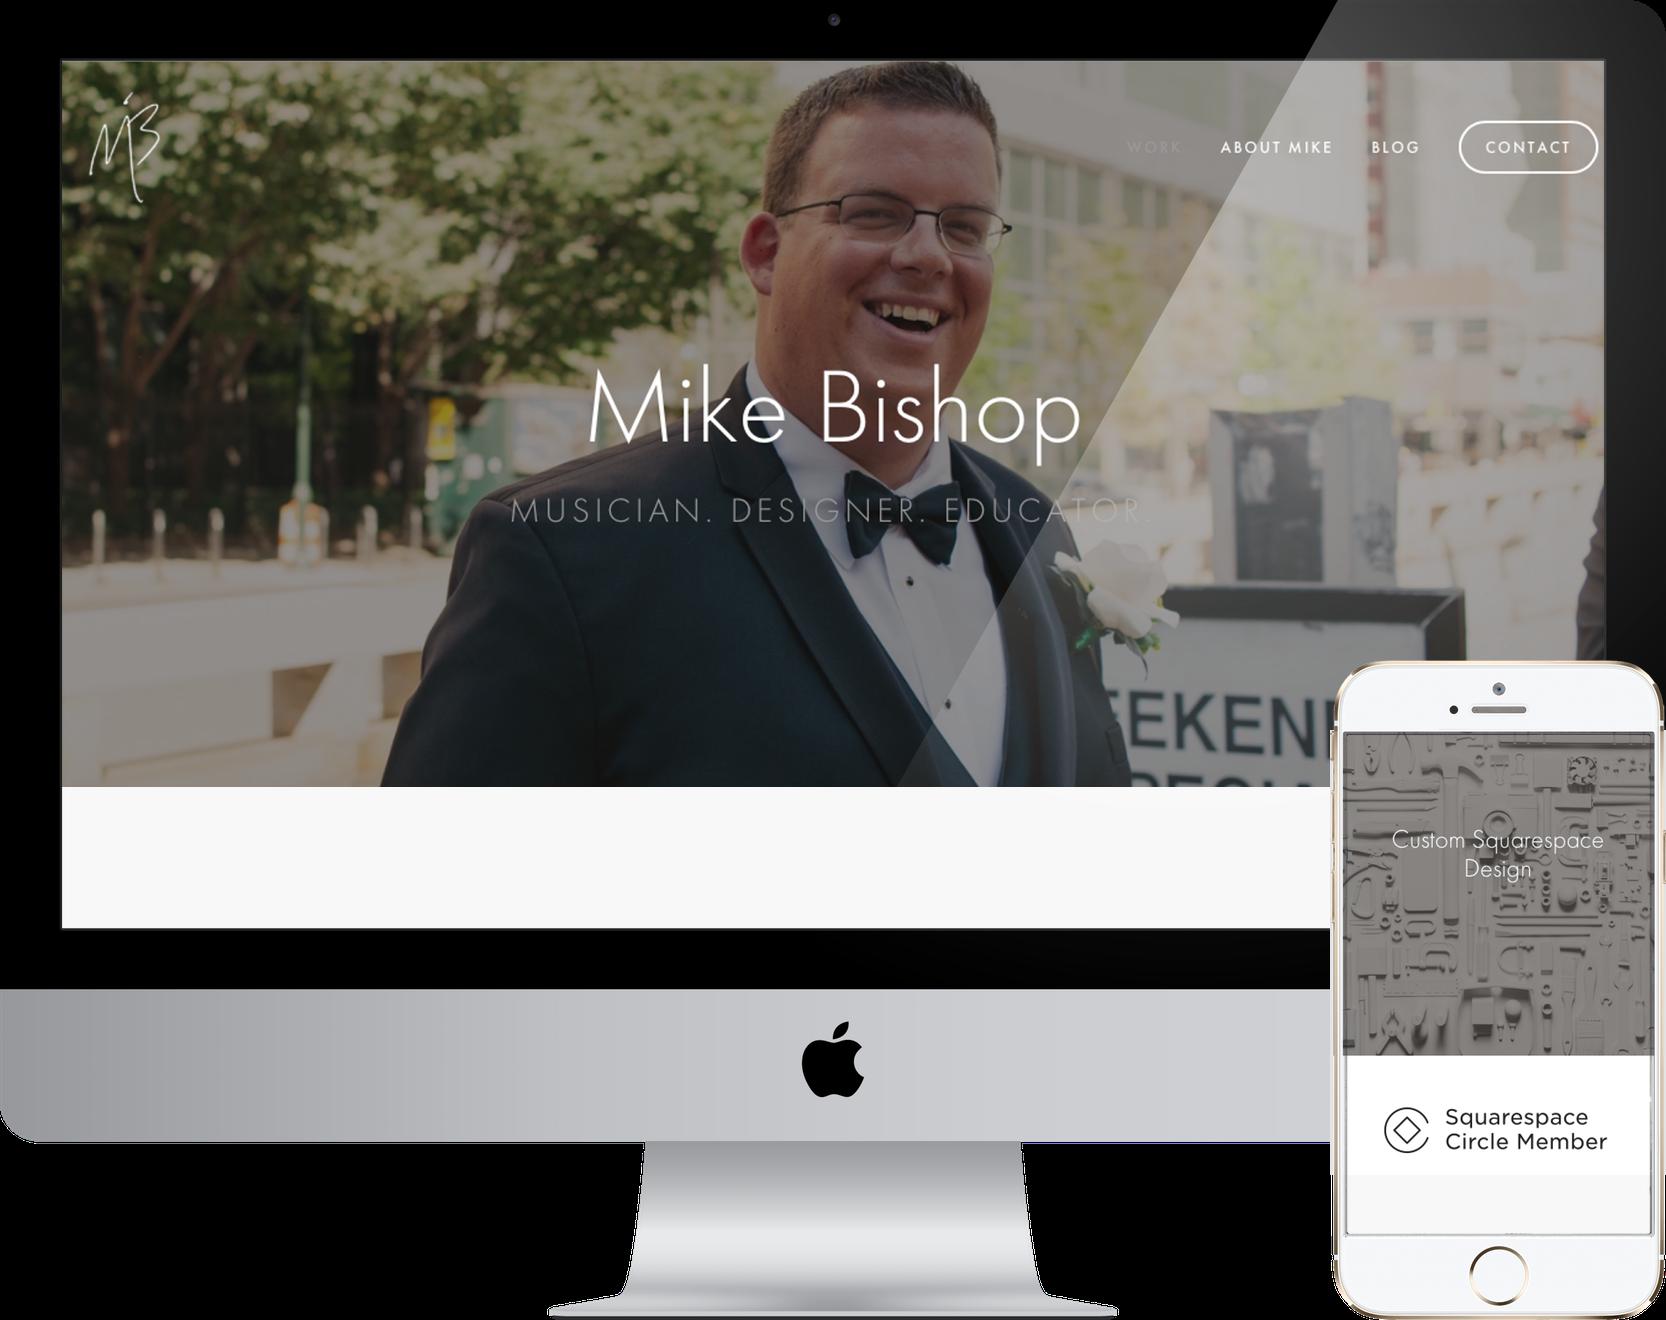 Mike Bishop Music & Design